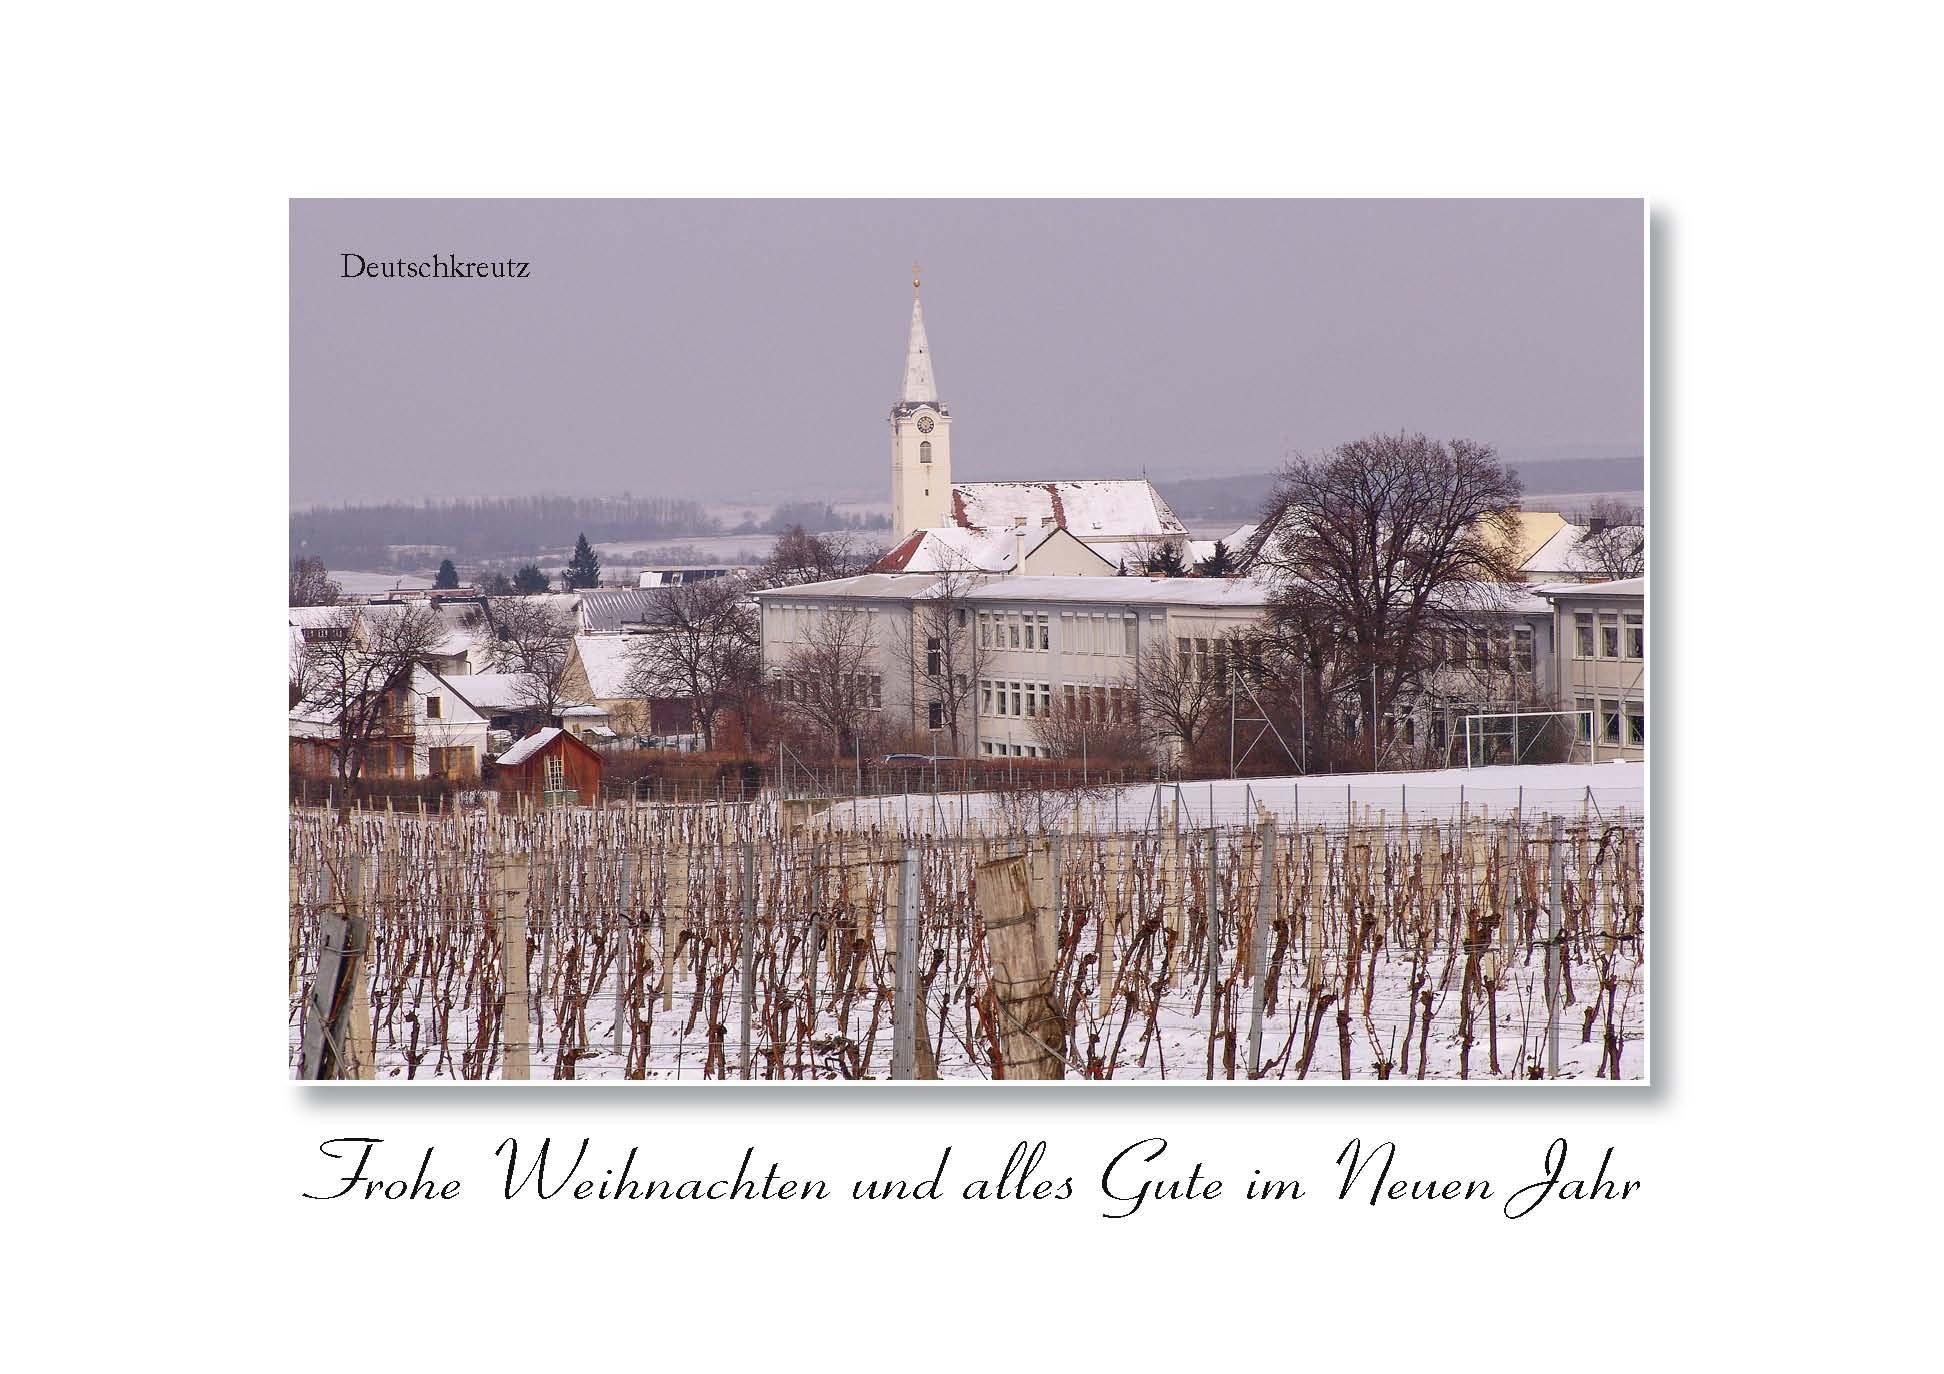 Orts - Weihnachtsbilletts - Deutschkreutz 03-22-7301-02